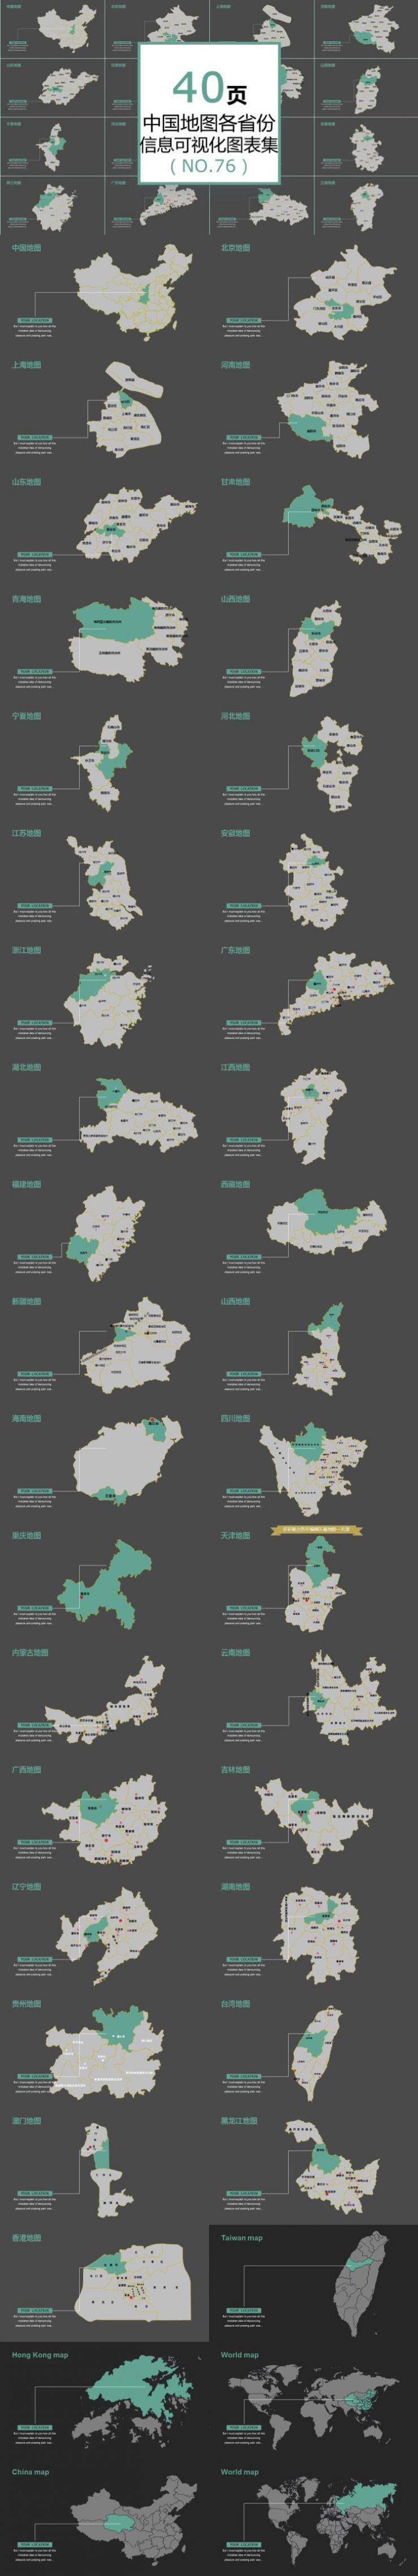 40页中国地图各省份信息可视化图表集PPT模板下载